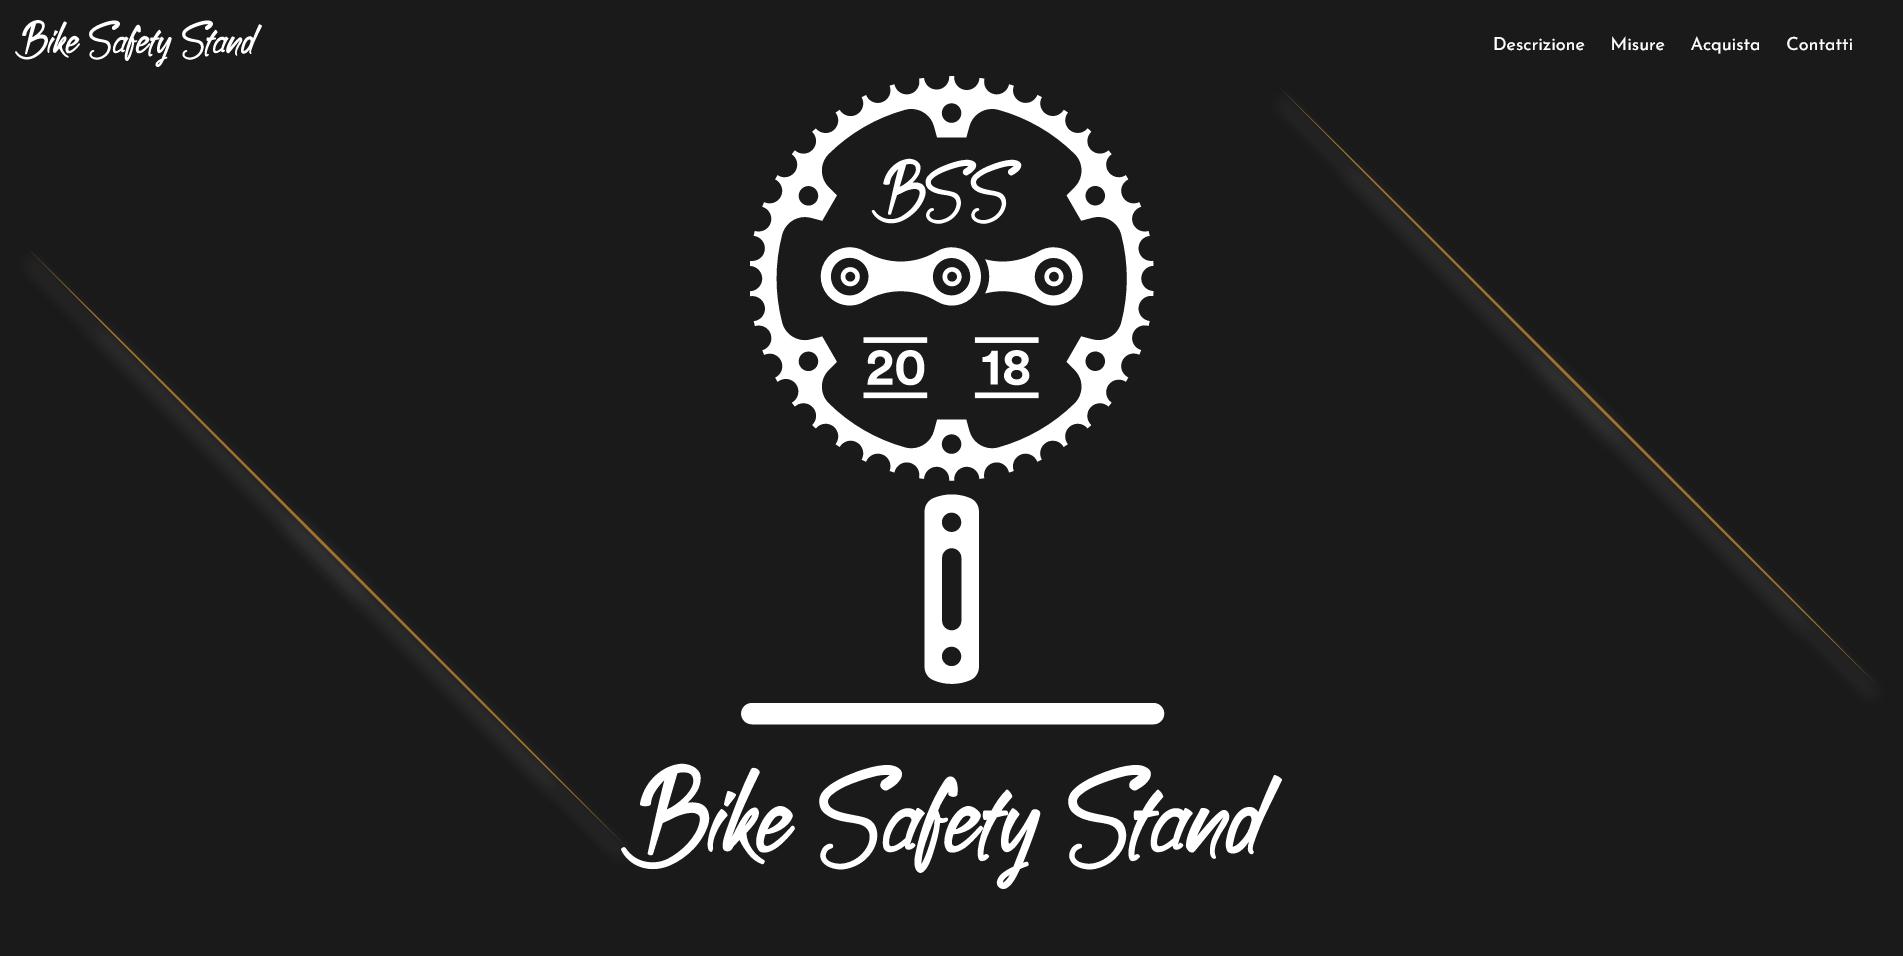 Screenshot 2020 06 22 Bike Safety Stand Sistema di sostegno antifurto per biciclette